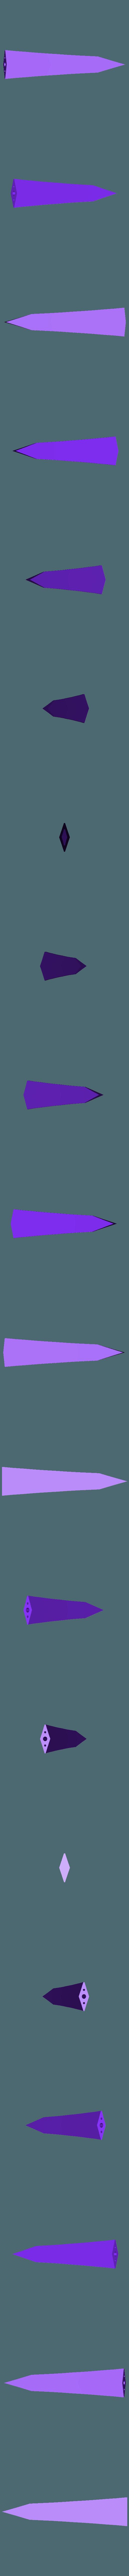 Dream Nail 6.stl Download STL file Hollow Knight Dream Nail • 3D print object, glargonoid